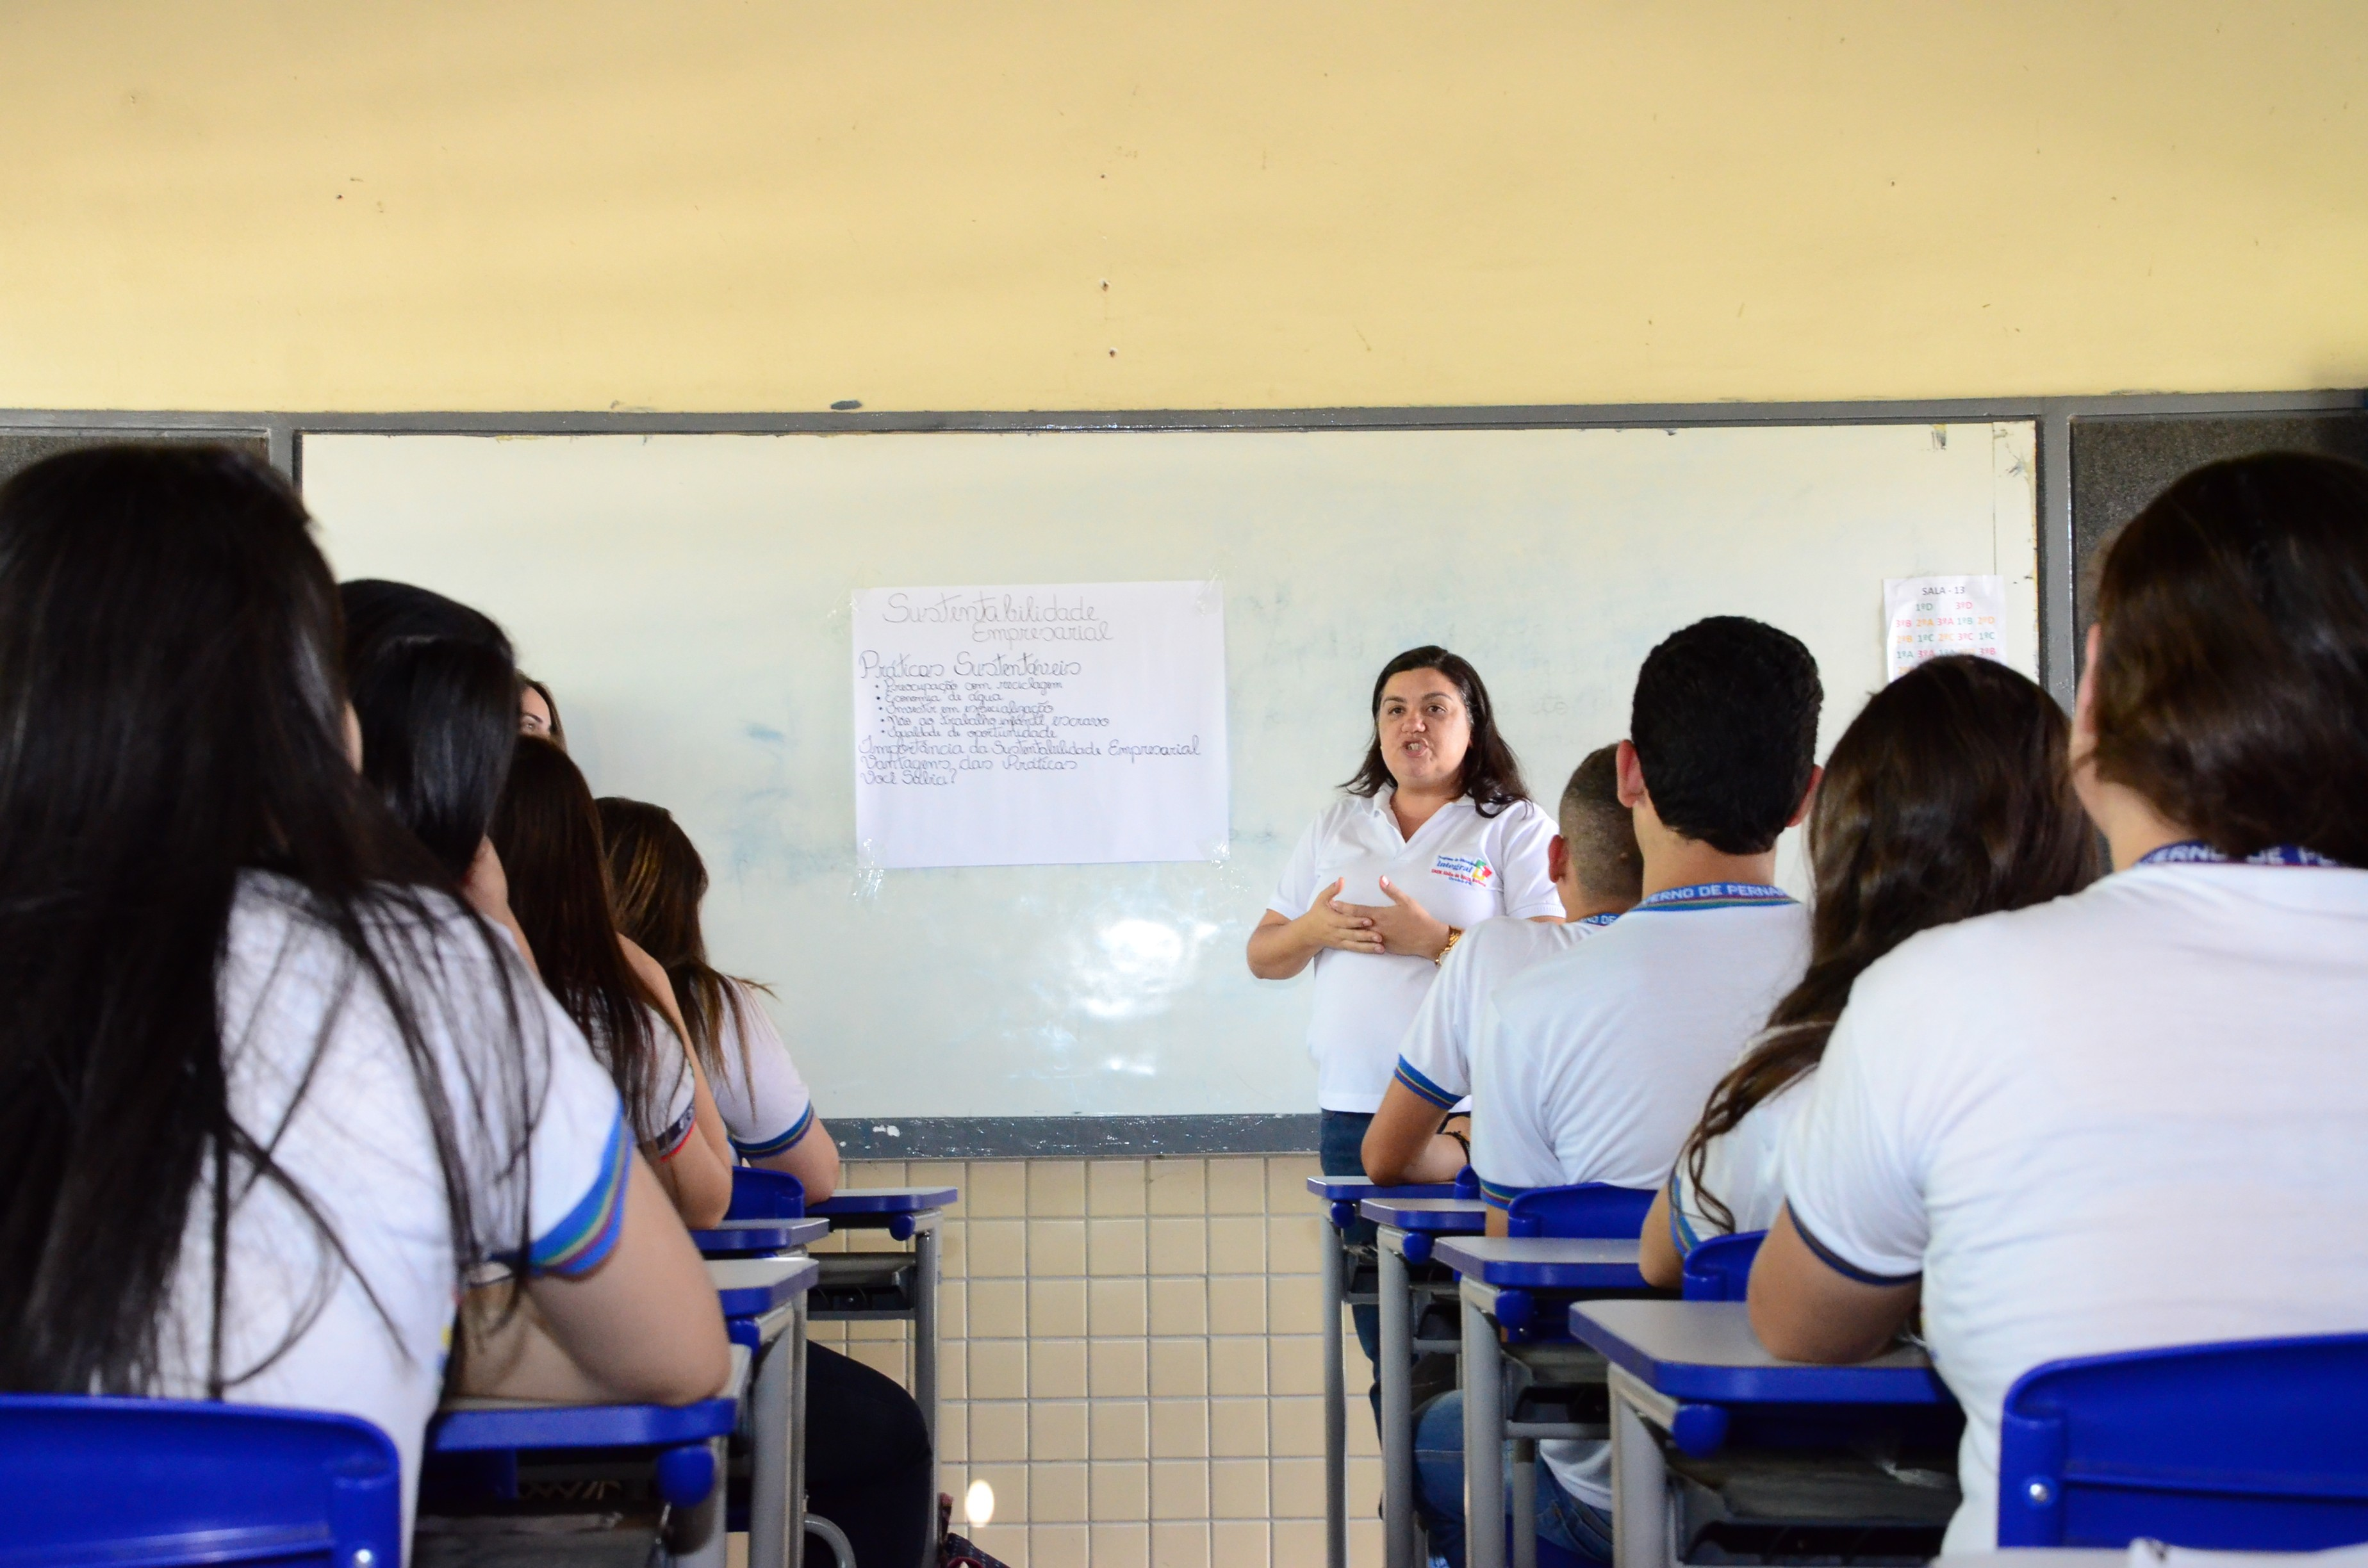 Governo de PE inicia matrícula na rede estadual de ensino, com 82 mil vagas para alunos novatos em 2018